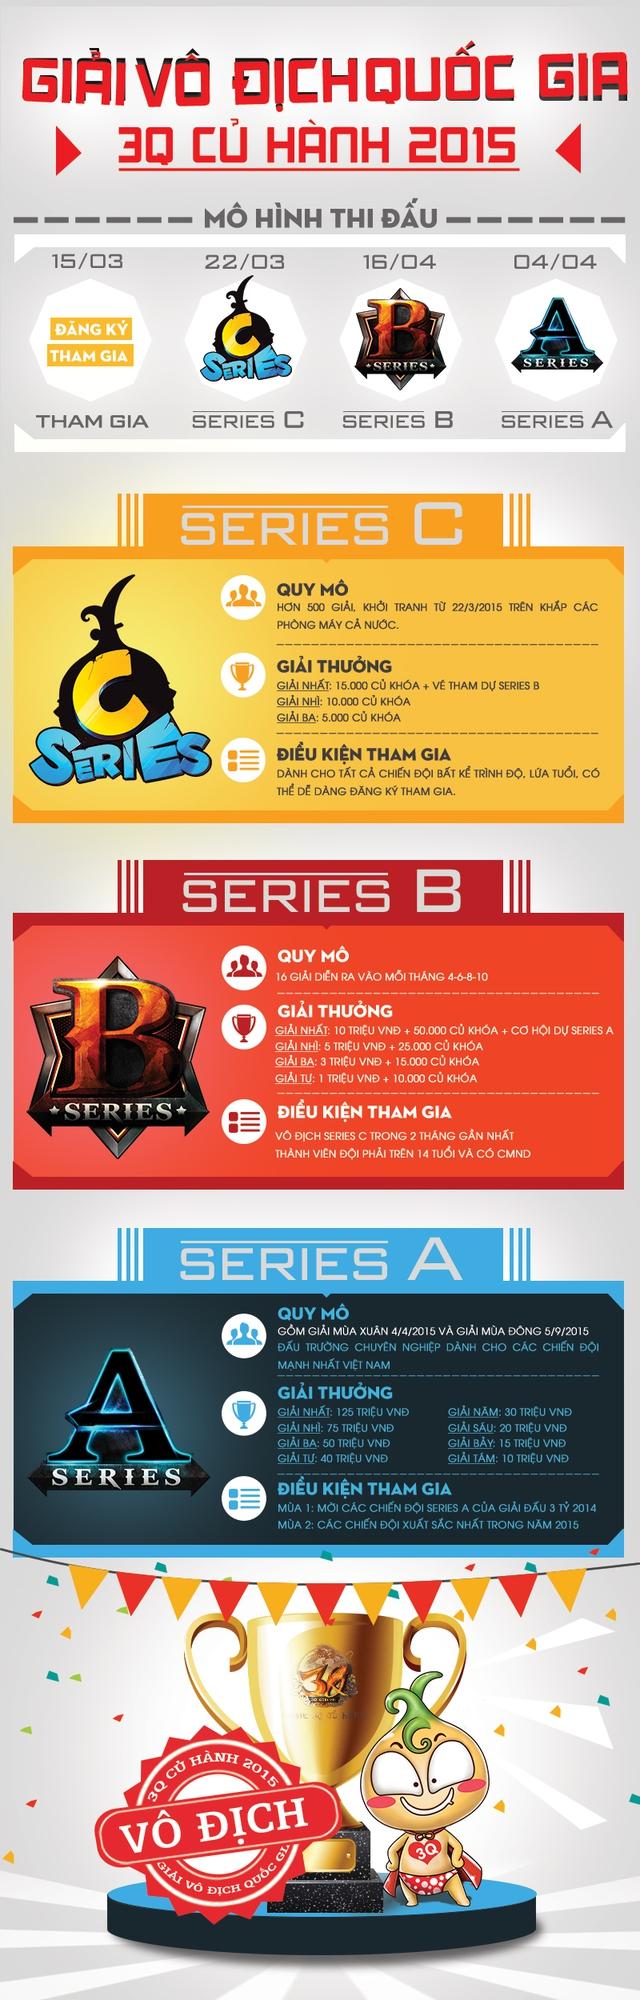 [Infographic] Tất tần tật về Giải Vô Địch Quốc Gia 3Q Củ Hành 2015